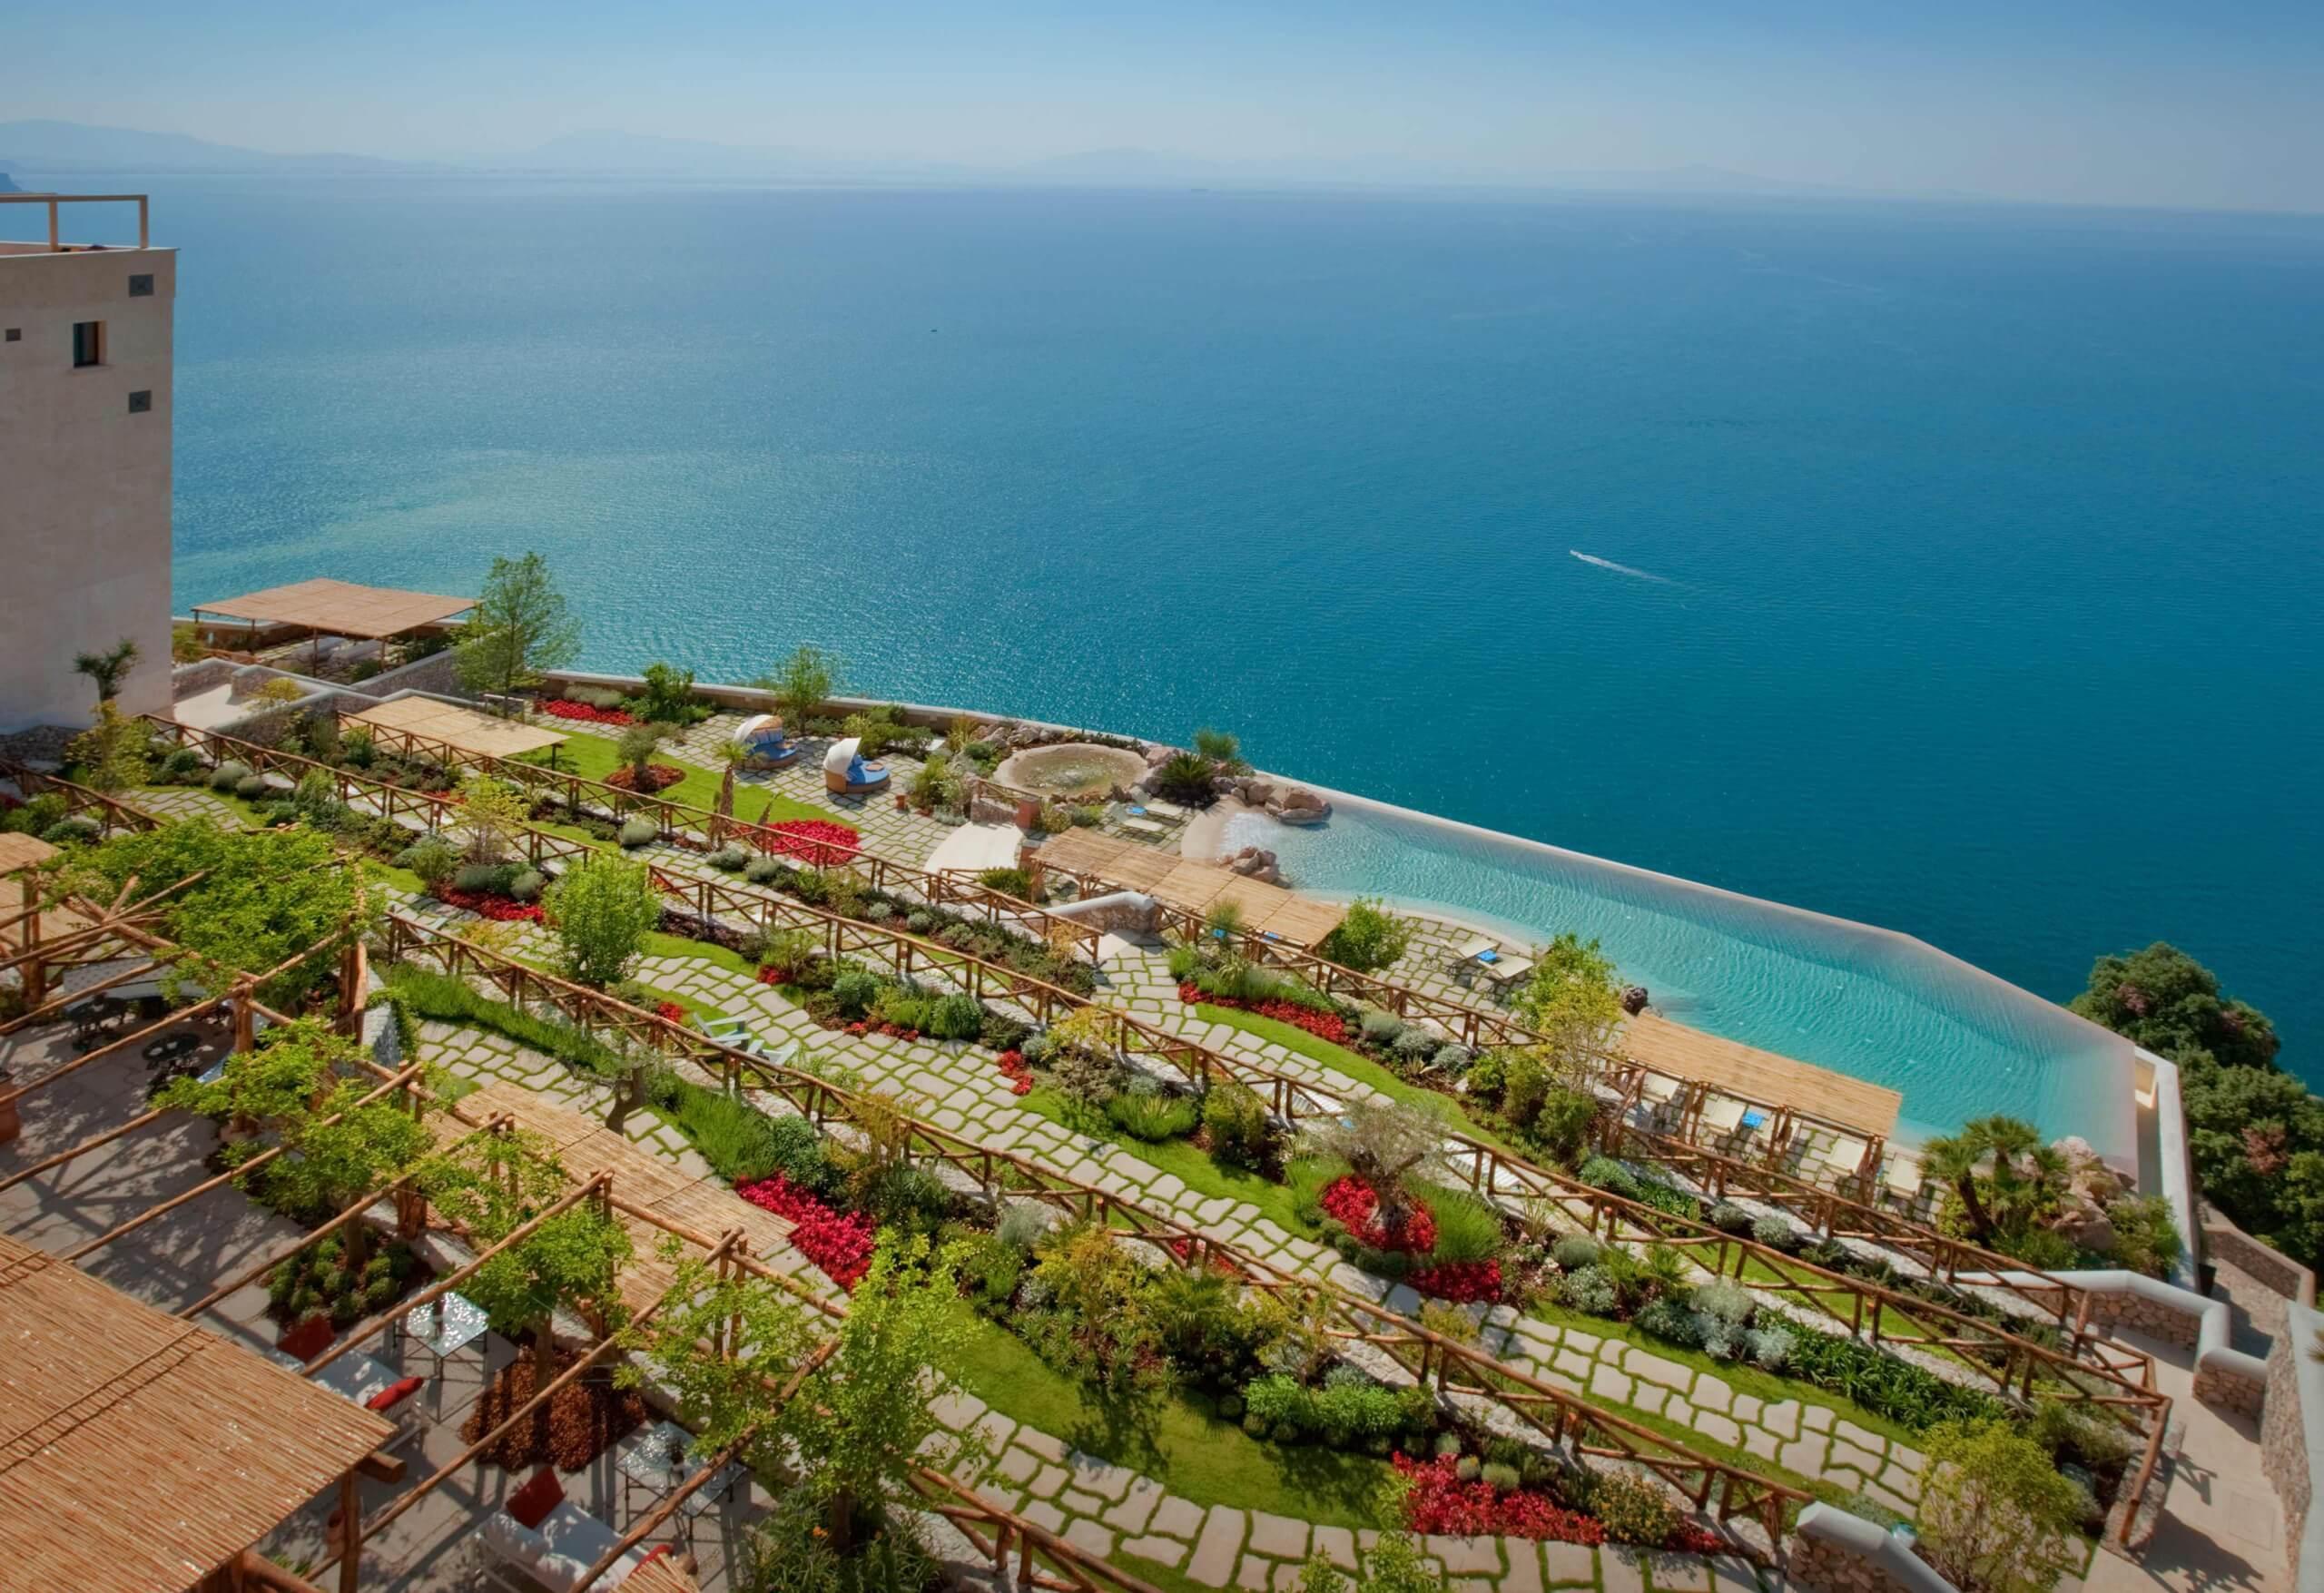 Monastero Santa Rosa, Amalfi Coast, Italy